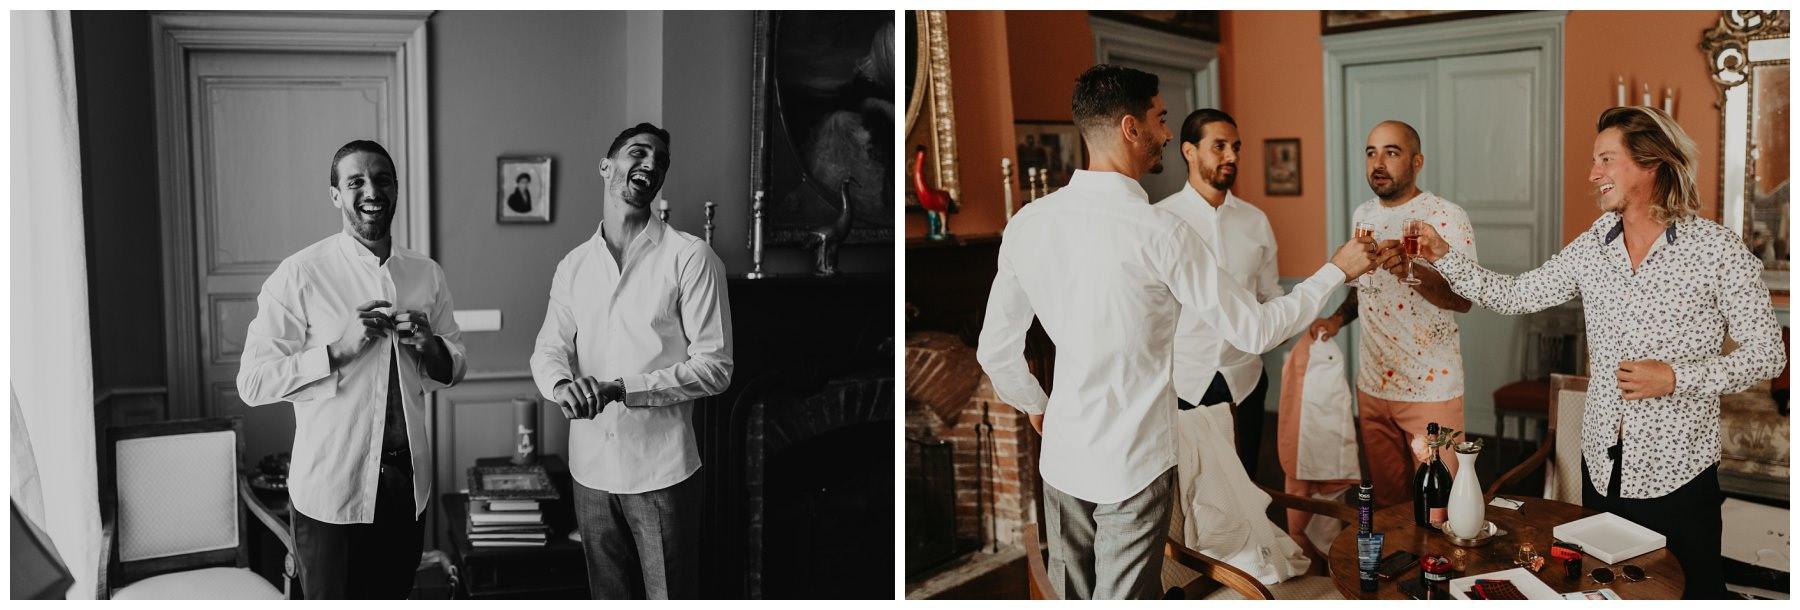 mariage préparatifs photographe